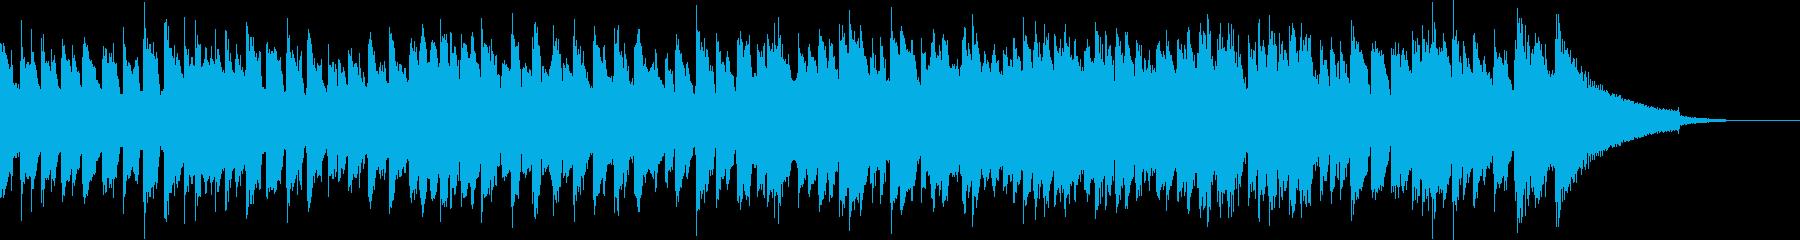 中世ヨーロッパのバロックチェンバロの再生済みの波形